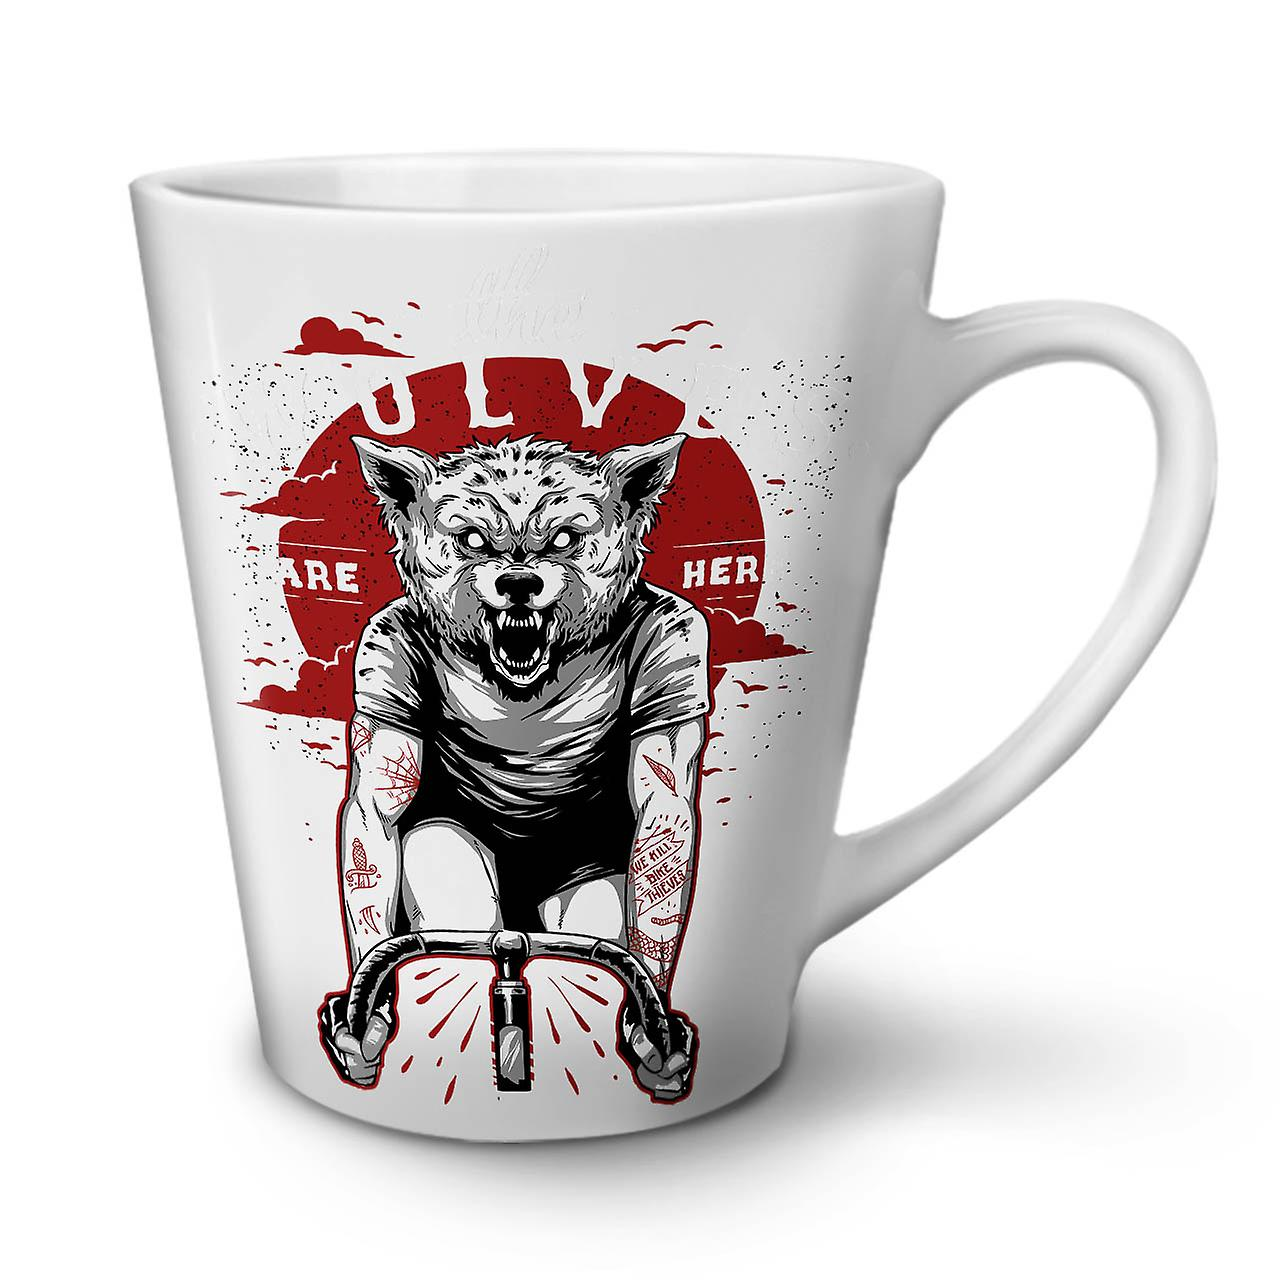 OzWellcoda Latte Les Loups Café Ici Animal Nouvelle 12 Sont Céramique Blanche Tasse En 0X8nwPkO